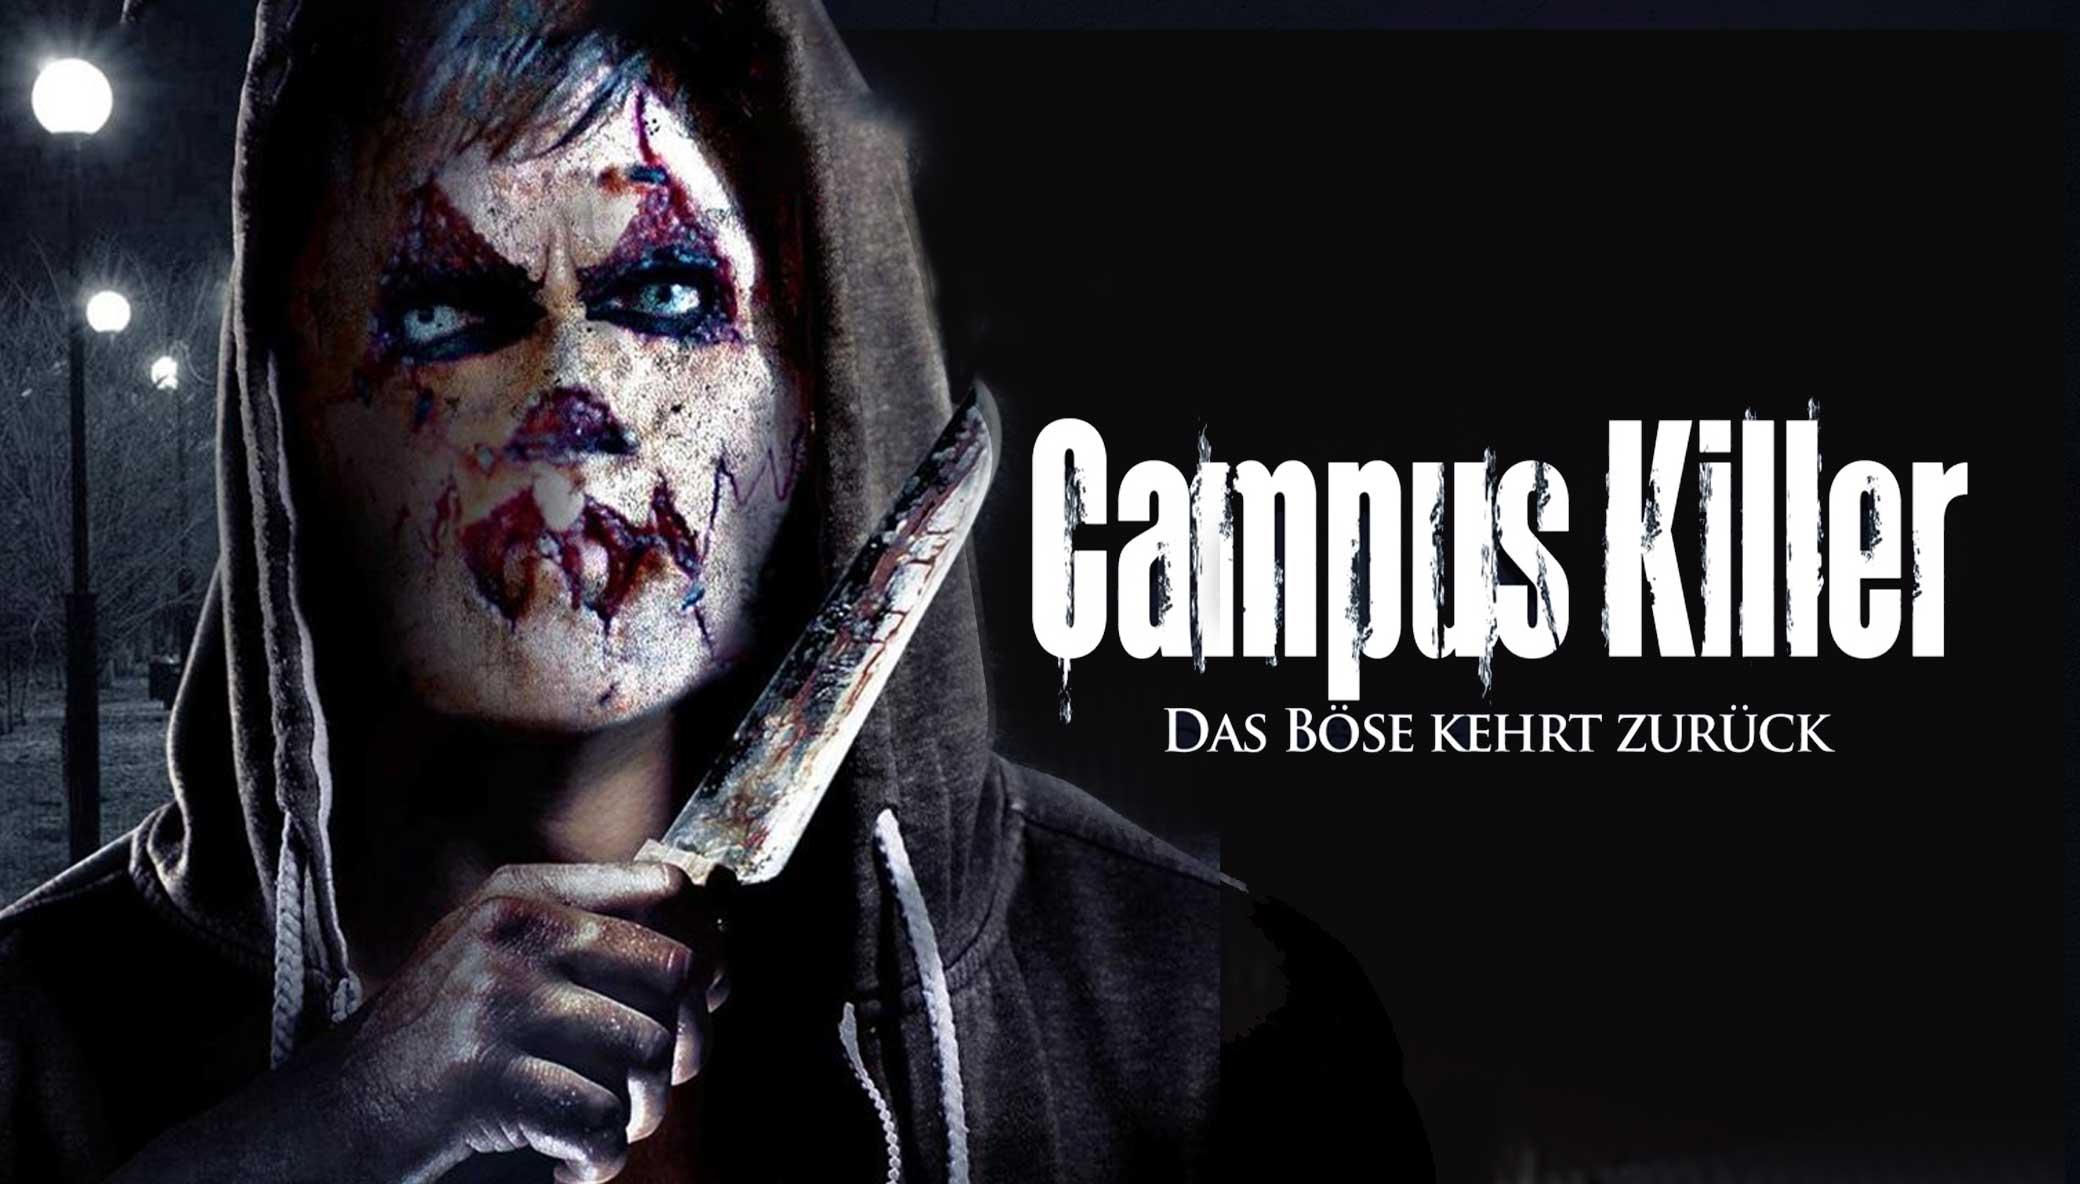 campus-killer-das-bose-kehrt-zuruck\header.jpg